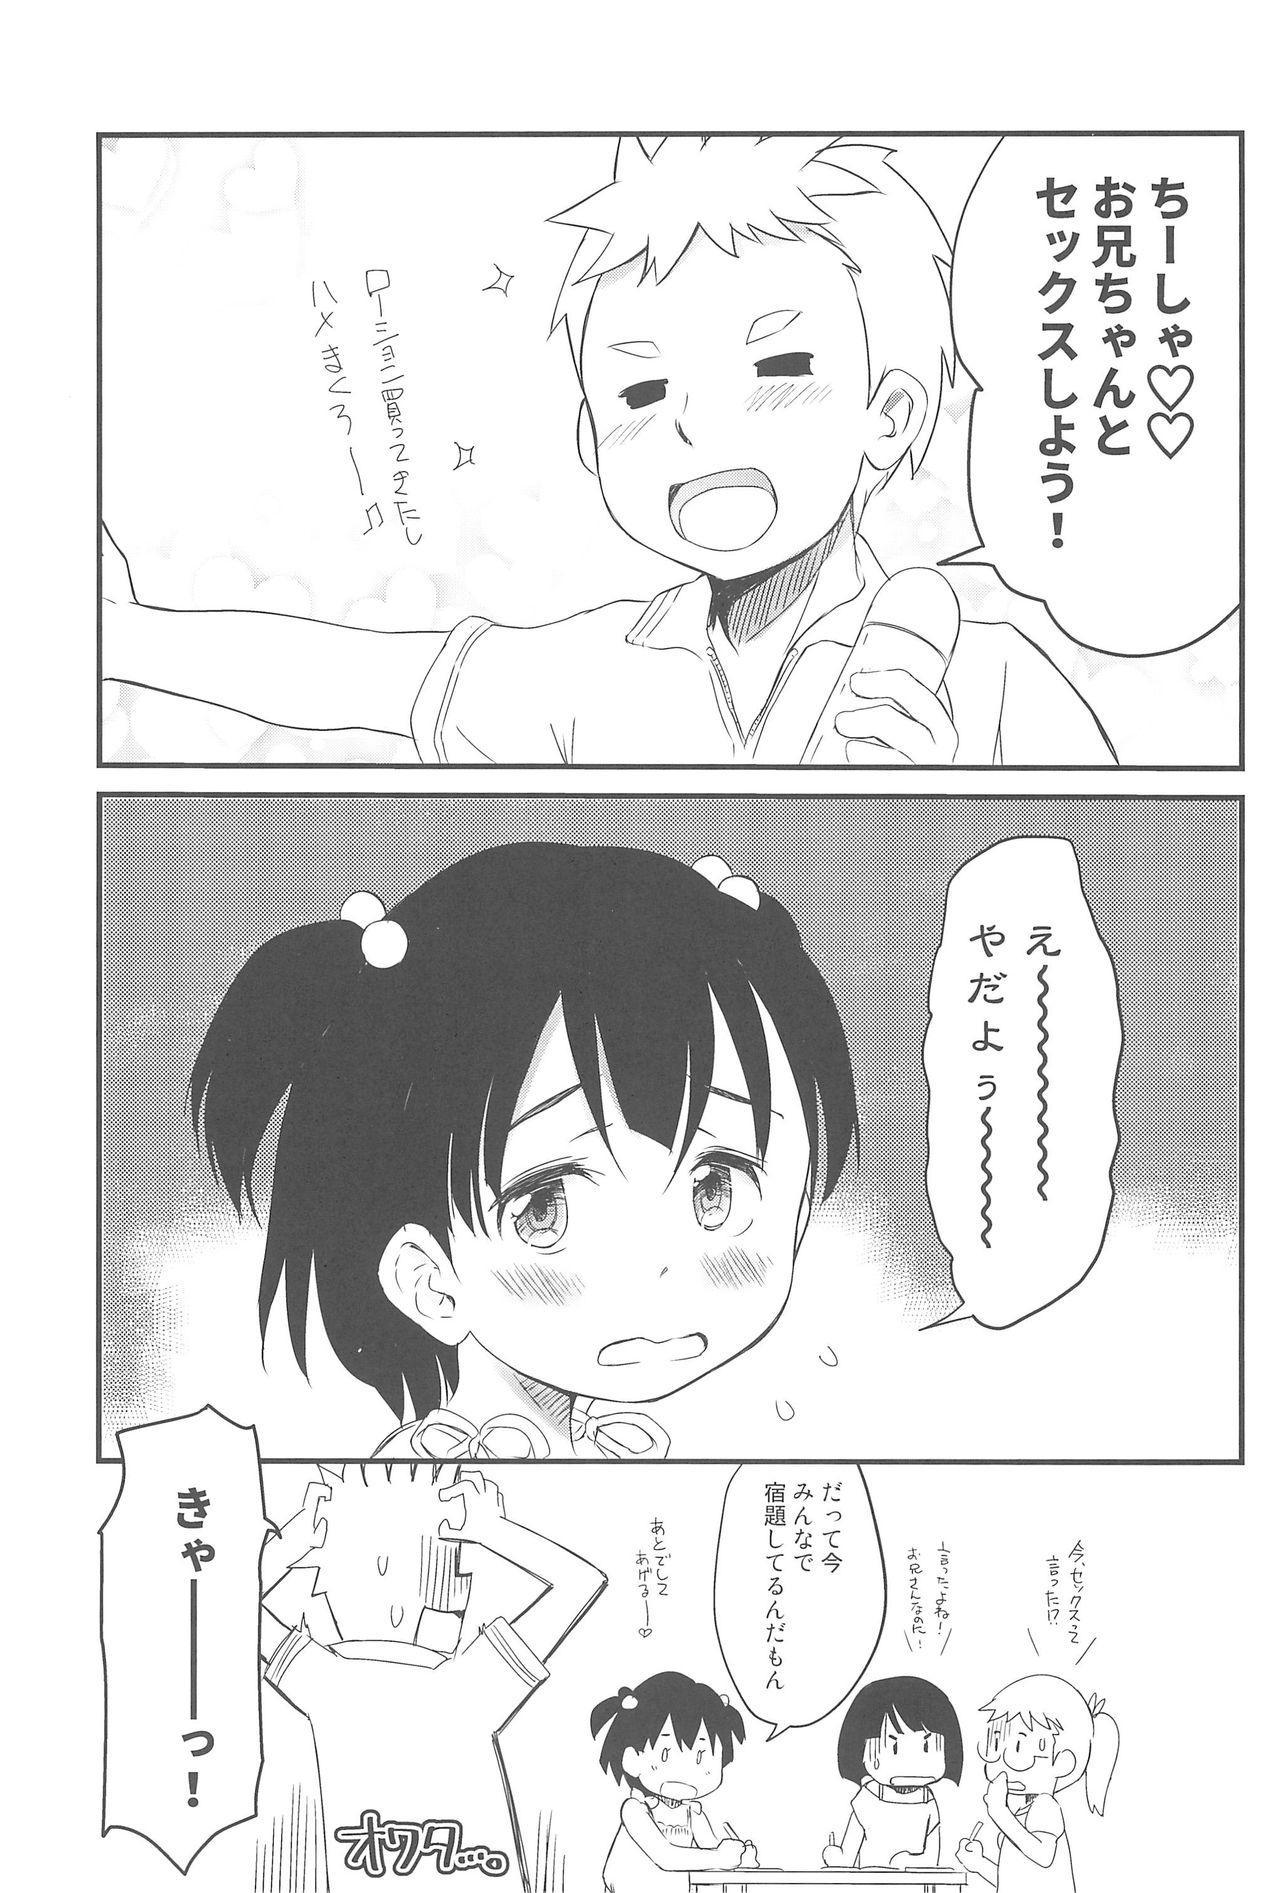 Imouto wa Minna Onii-chan ga Suki! 5 28